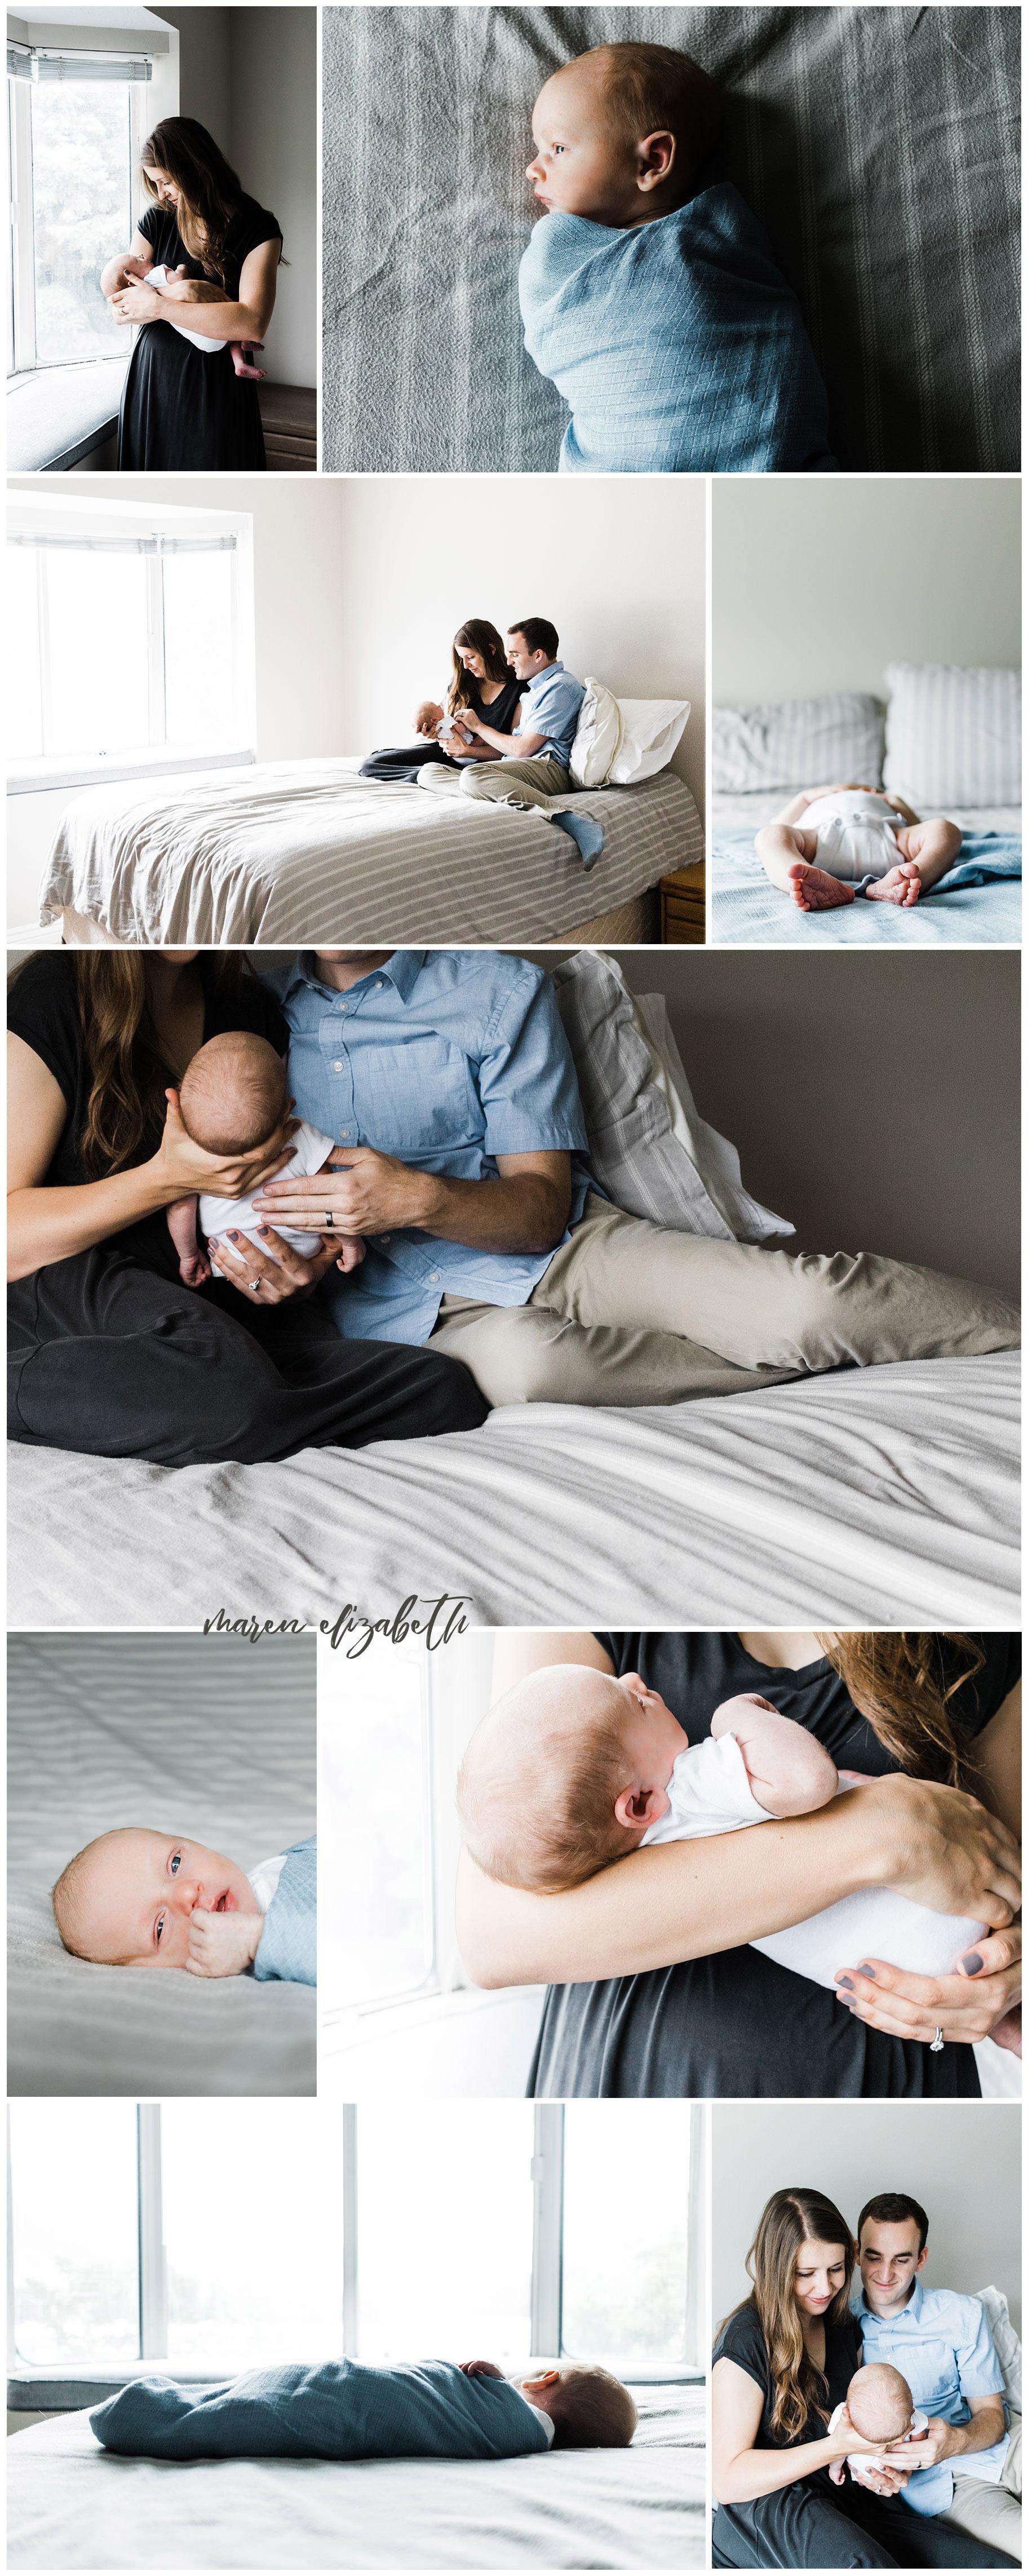 Provo Utah In-Home Session - Newborn